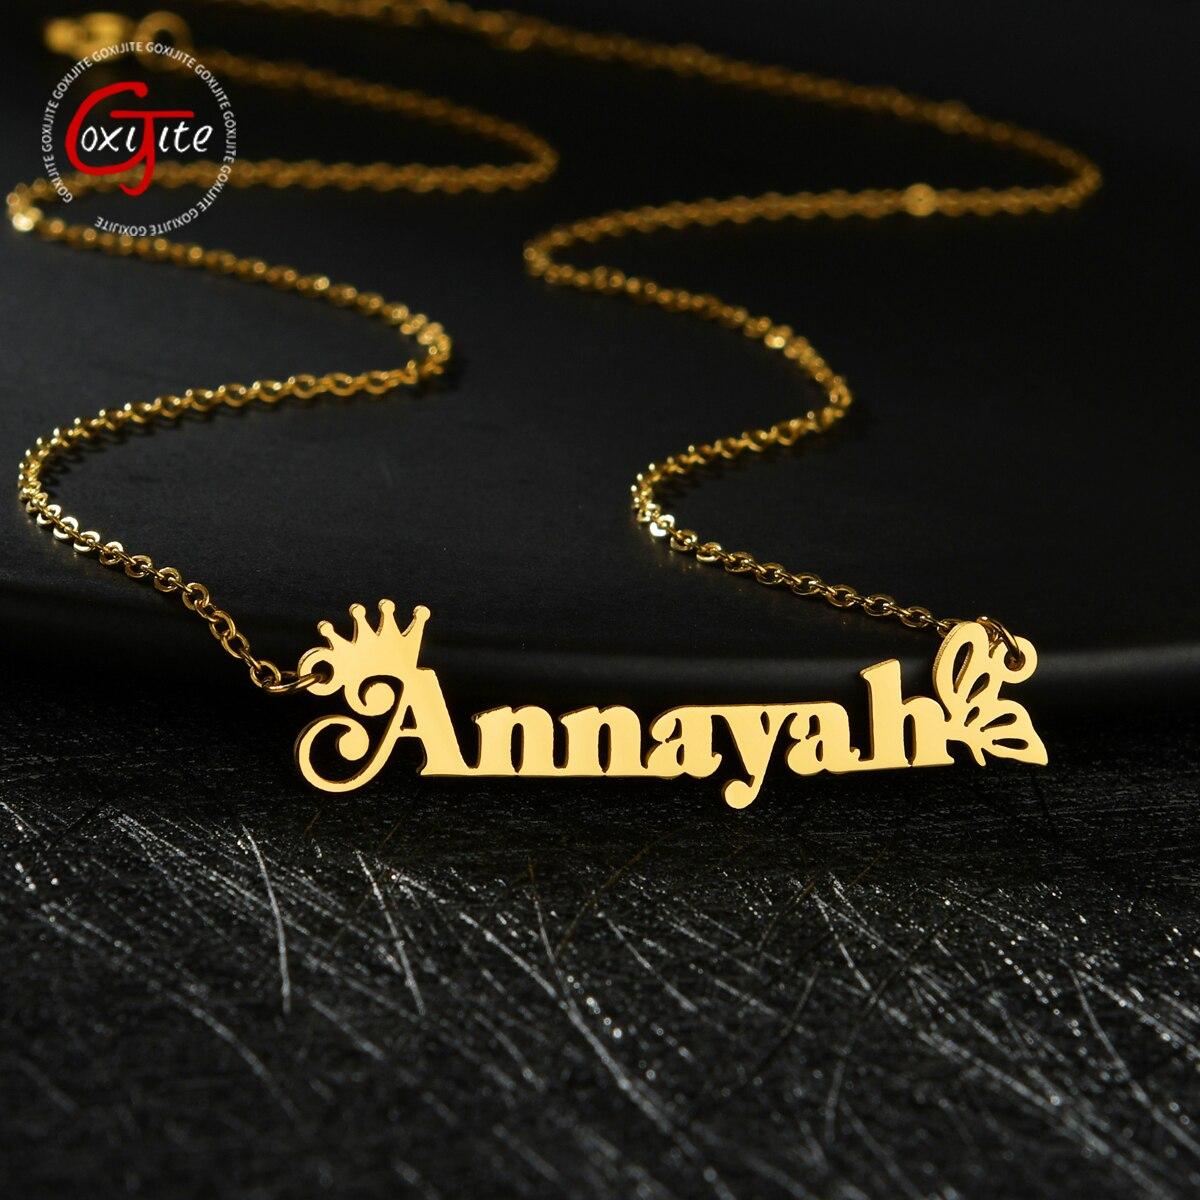 Goxijite персонализированные имя колье ожерелье для женщин из нержавеющей стали бабочка с принтом в виде короны и надписи, название подвеска ож...